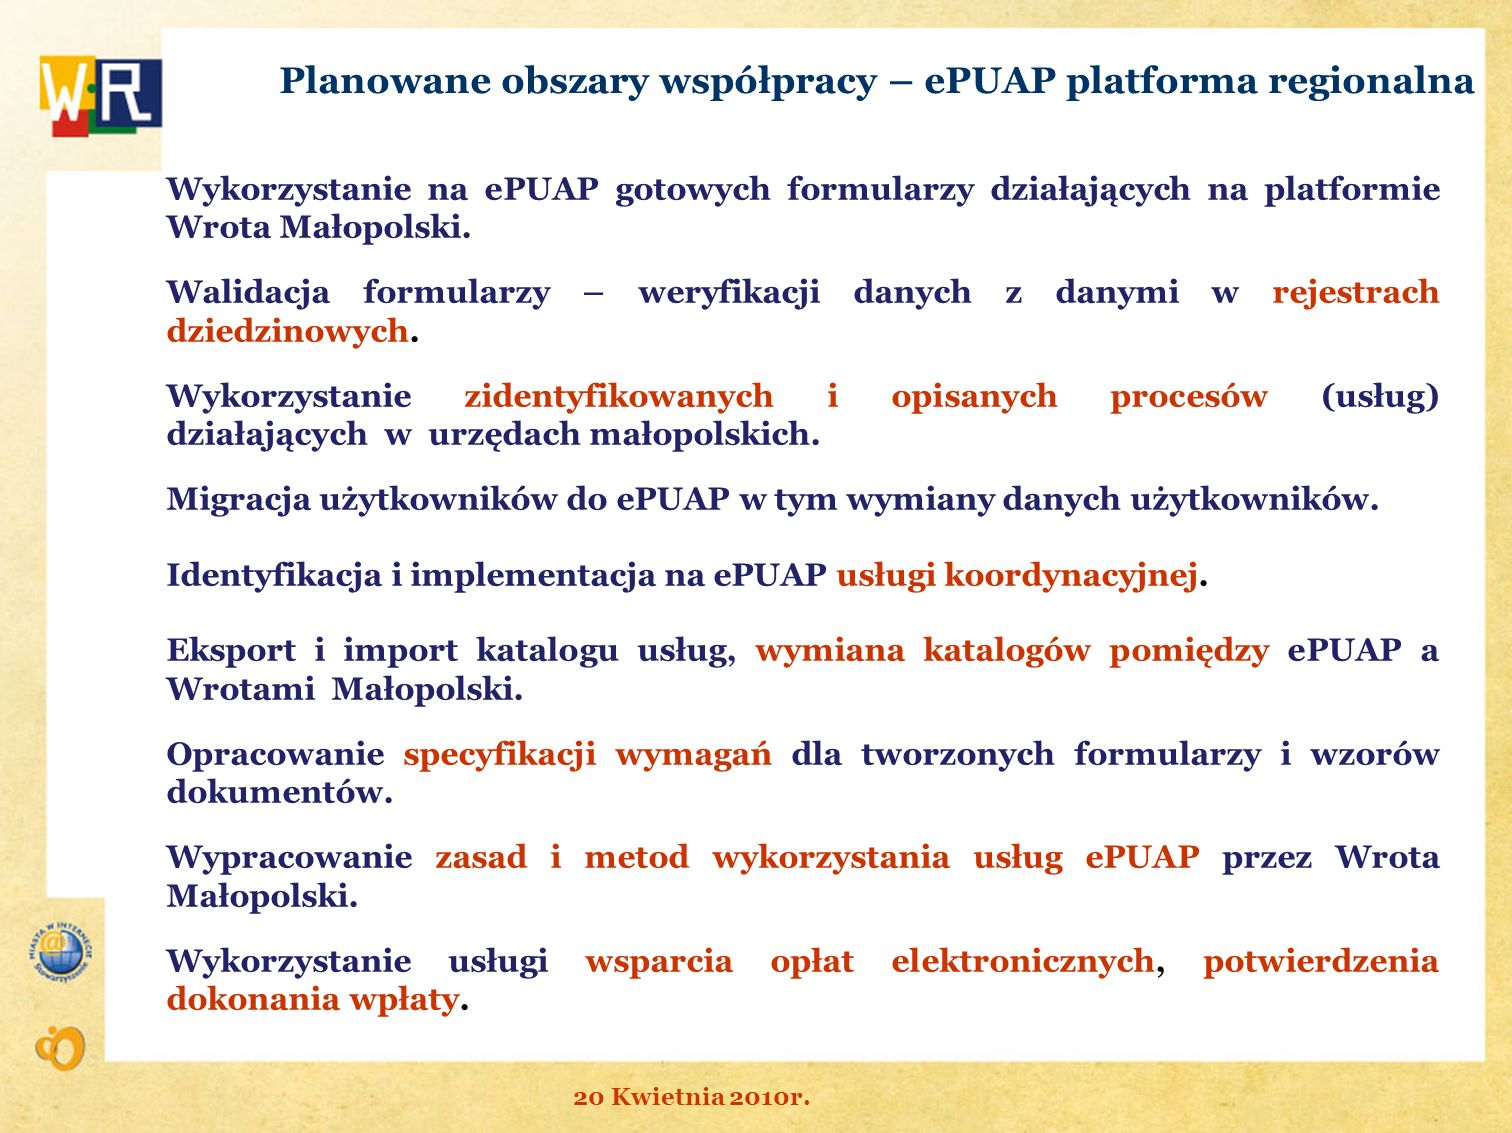 Planowane obszary współpracy – ePUAP platforma regionalna